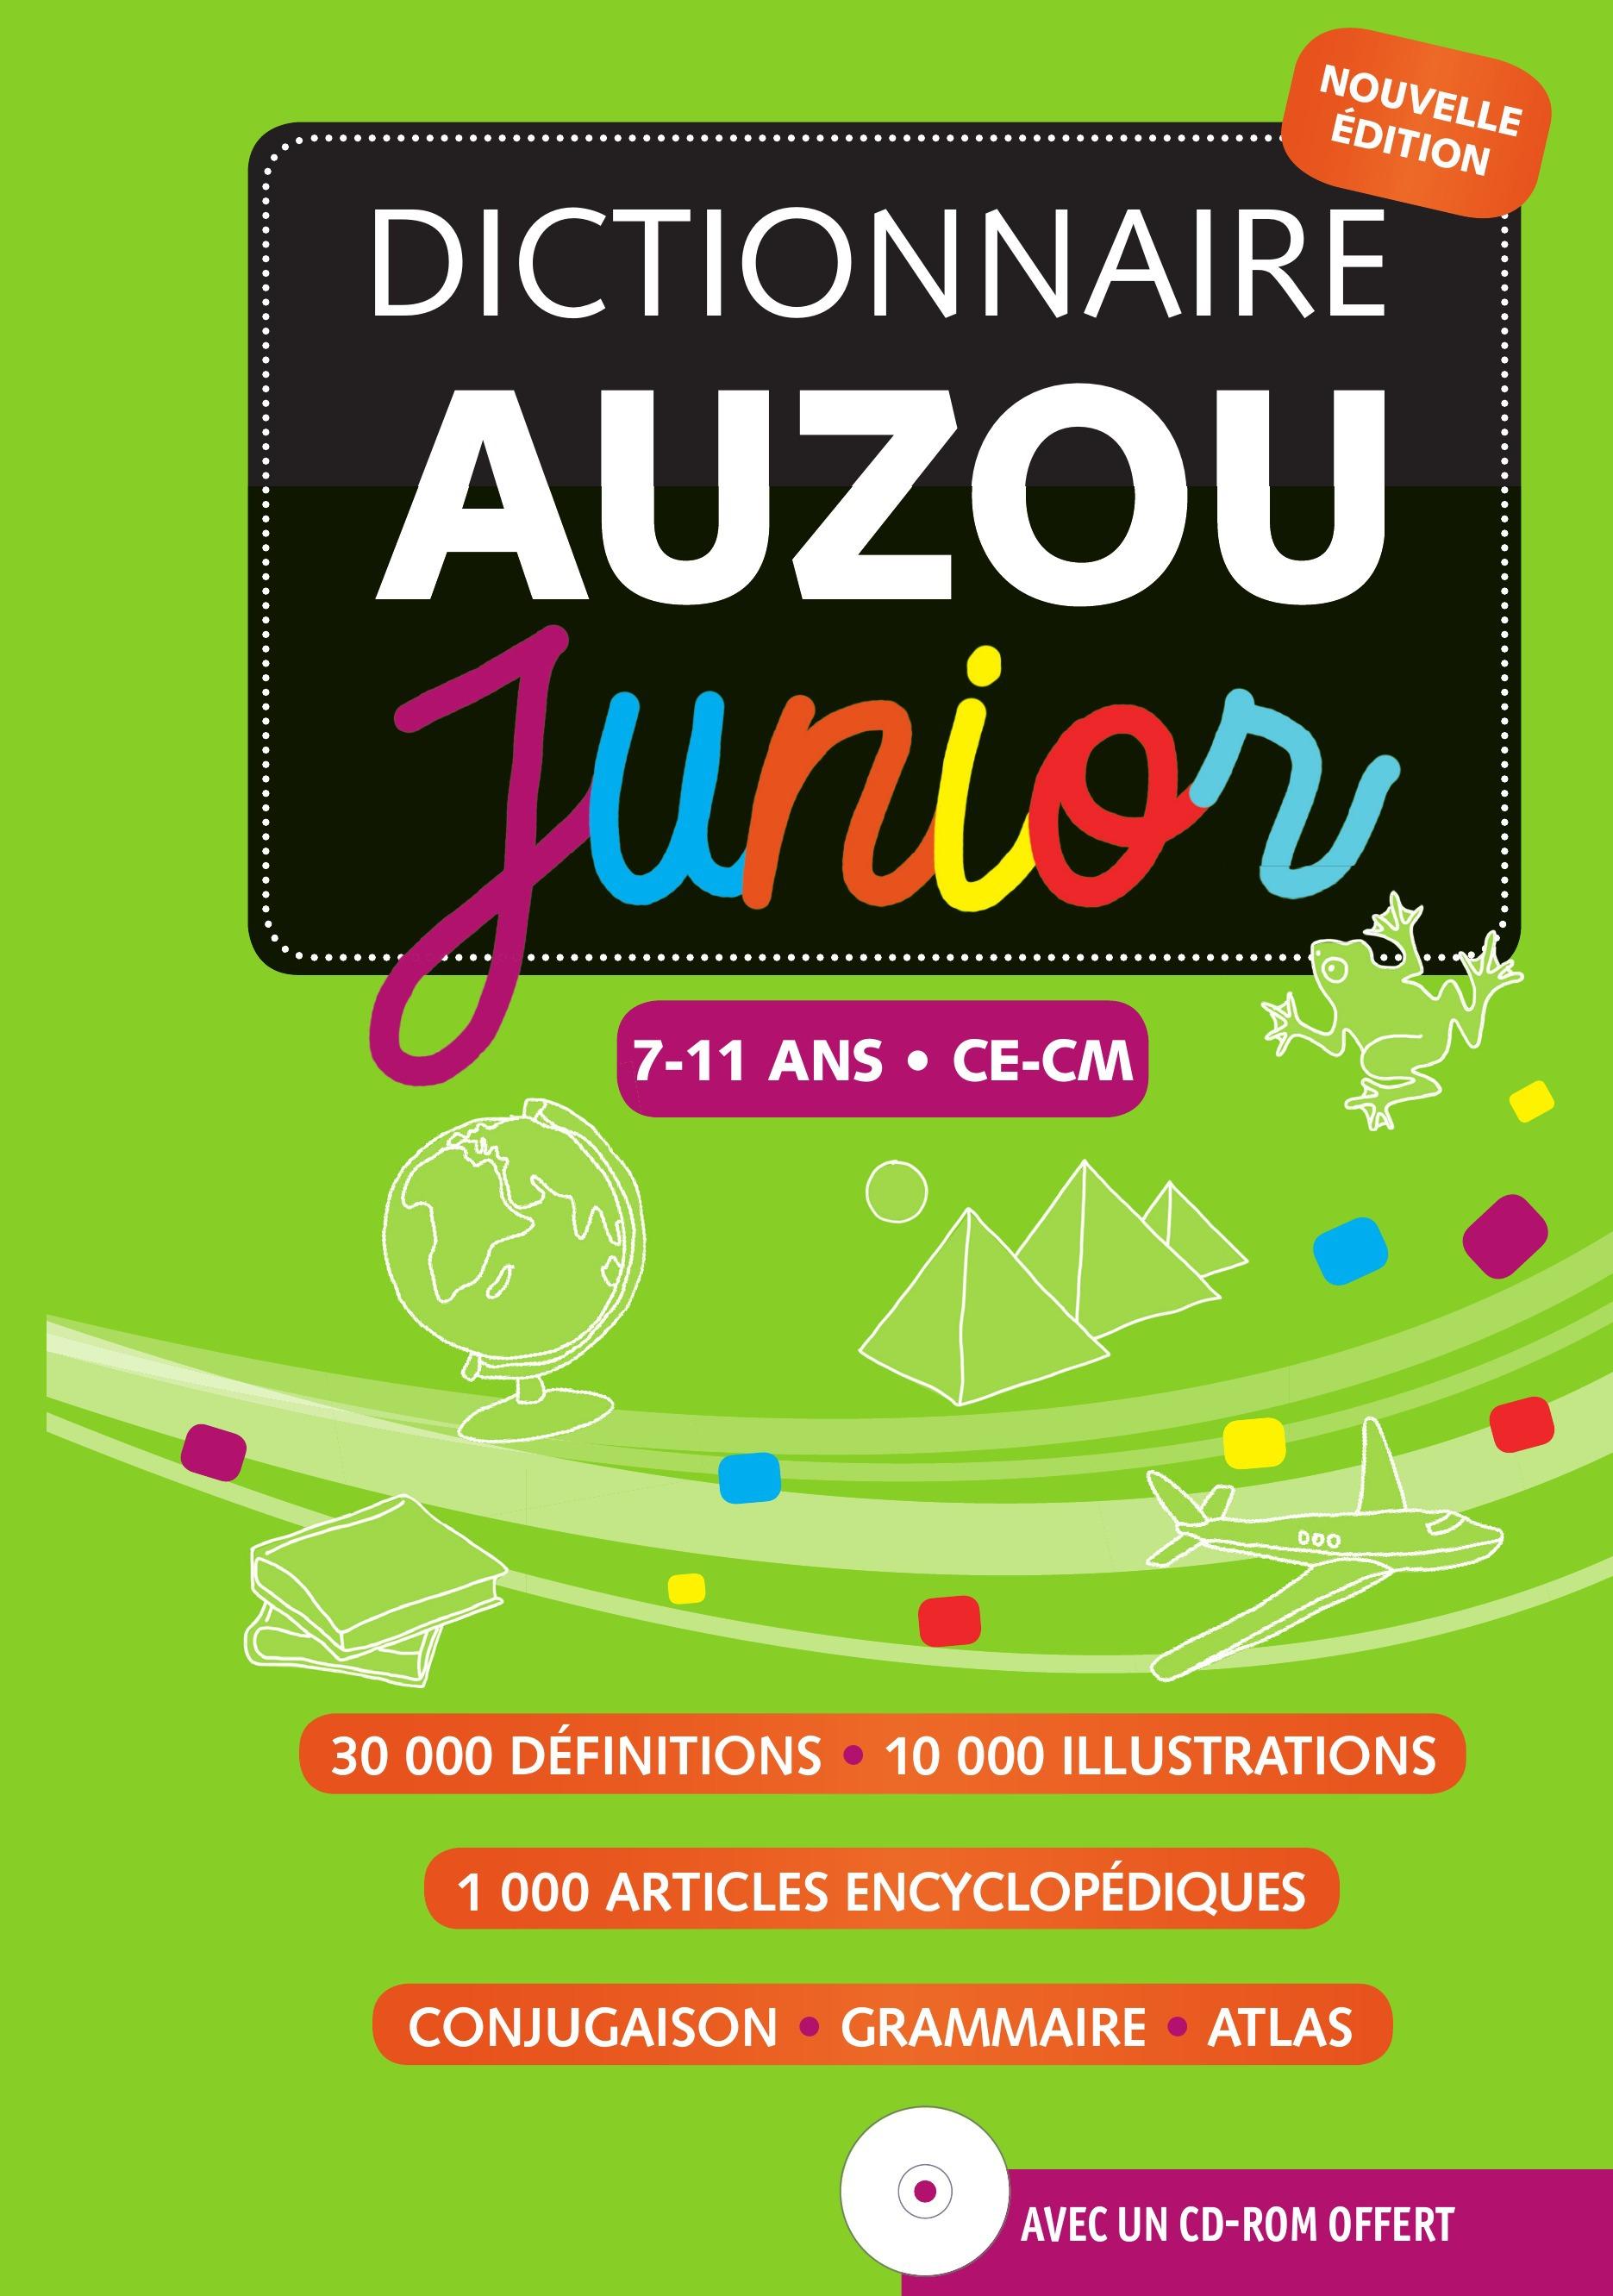 Dictionnaire Auzou junior 2013